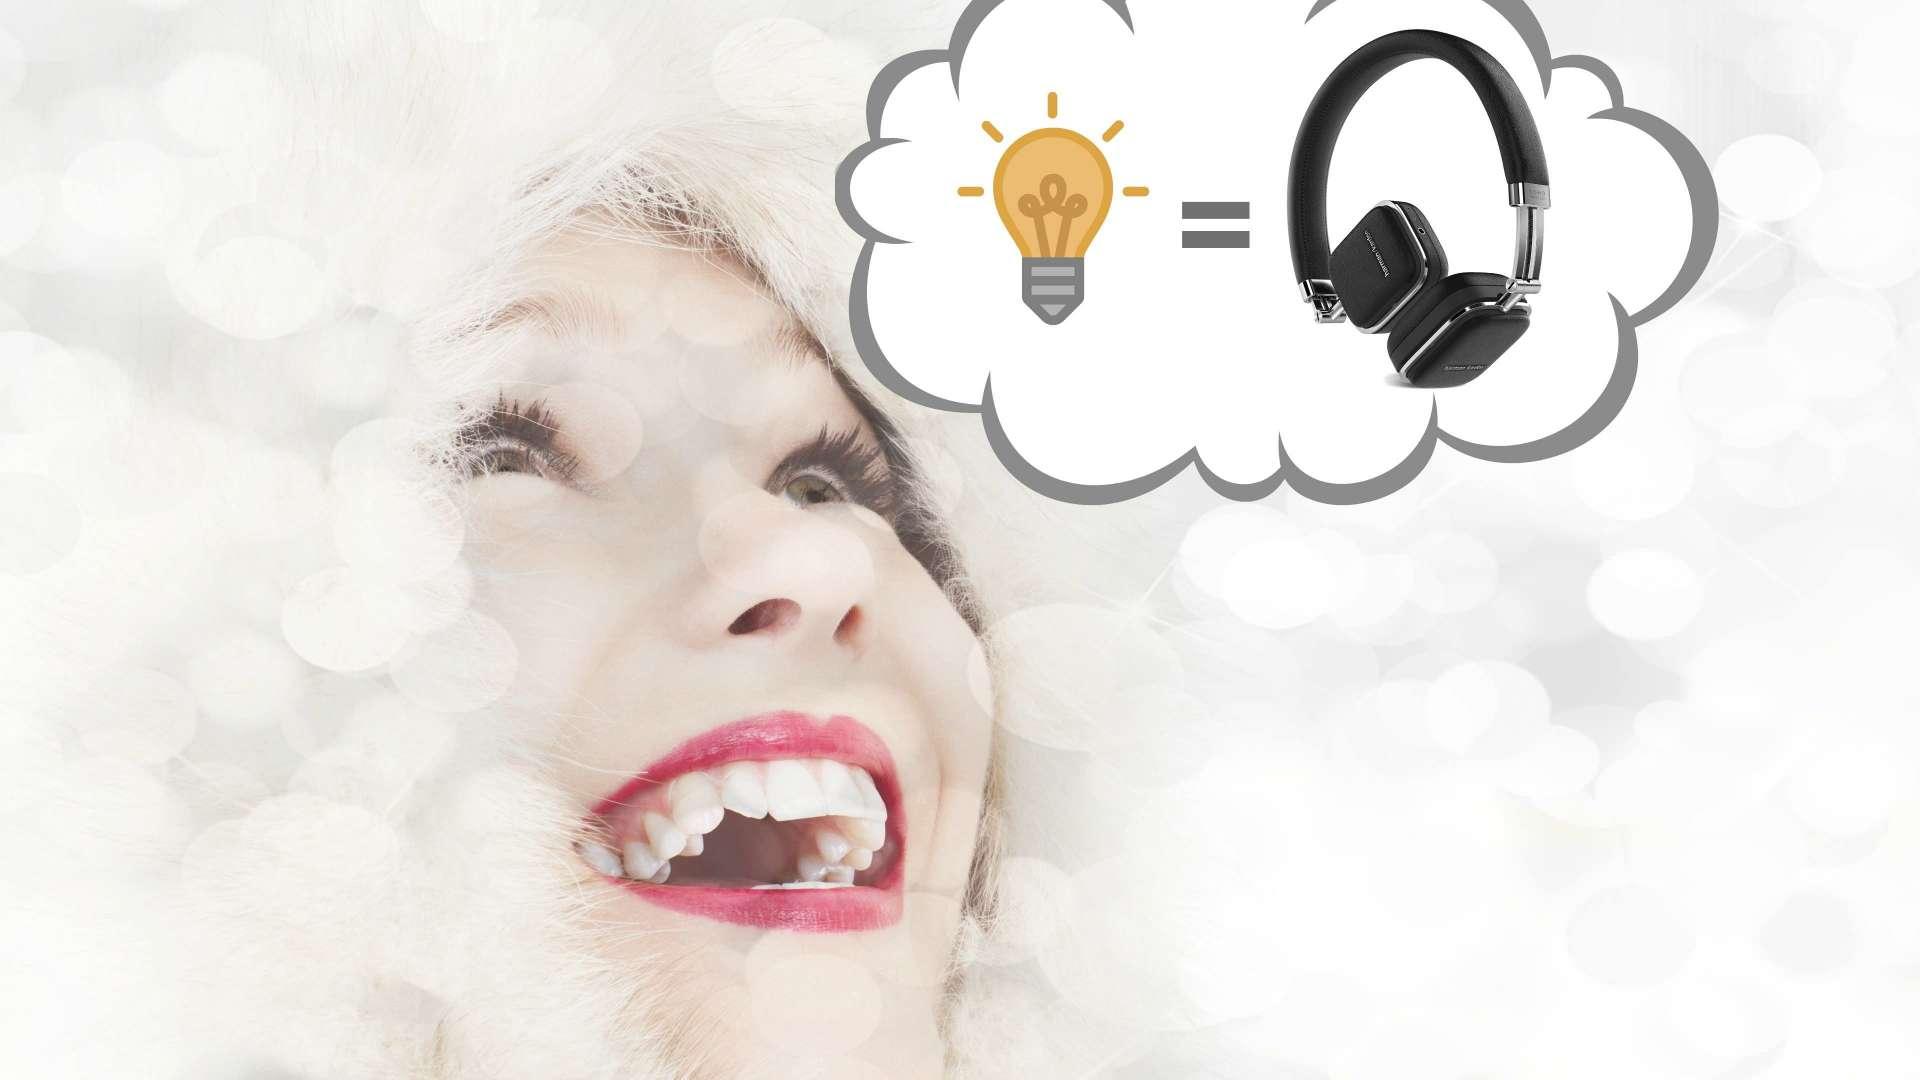 CTOUCH-innovation-idea